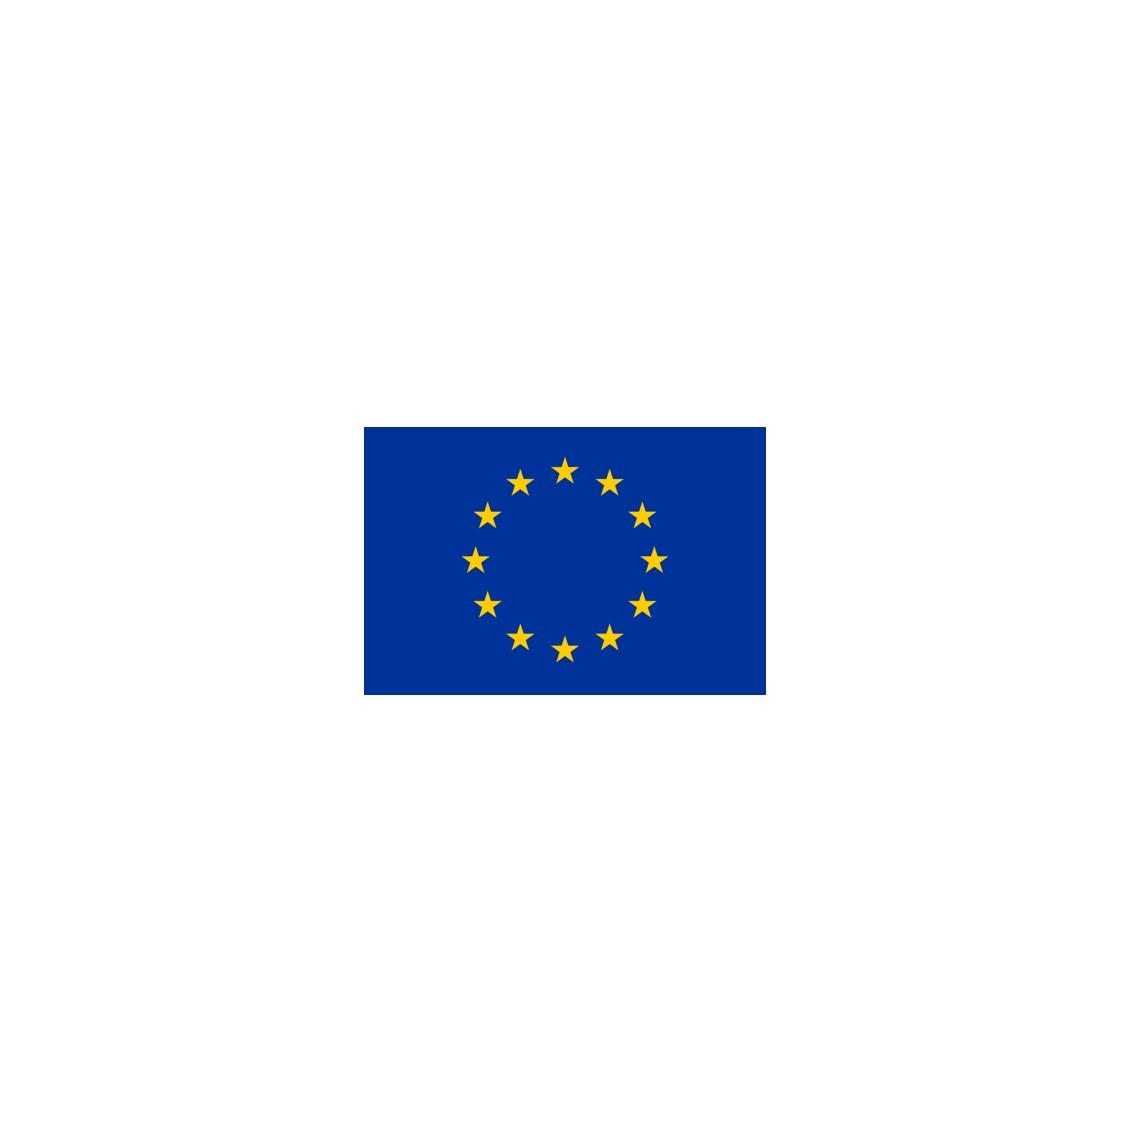 CS_RI_21_EU-q(3).jpg